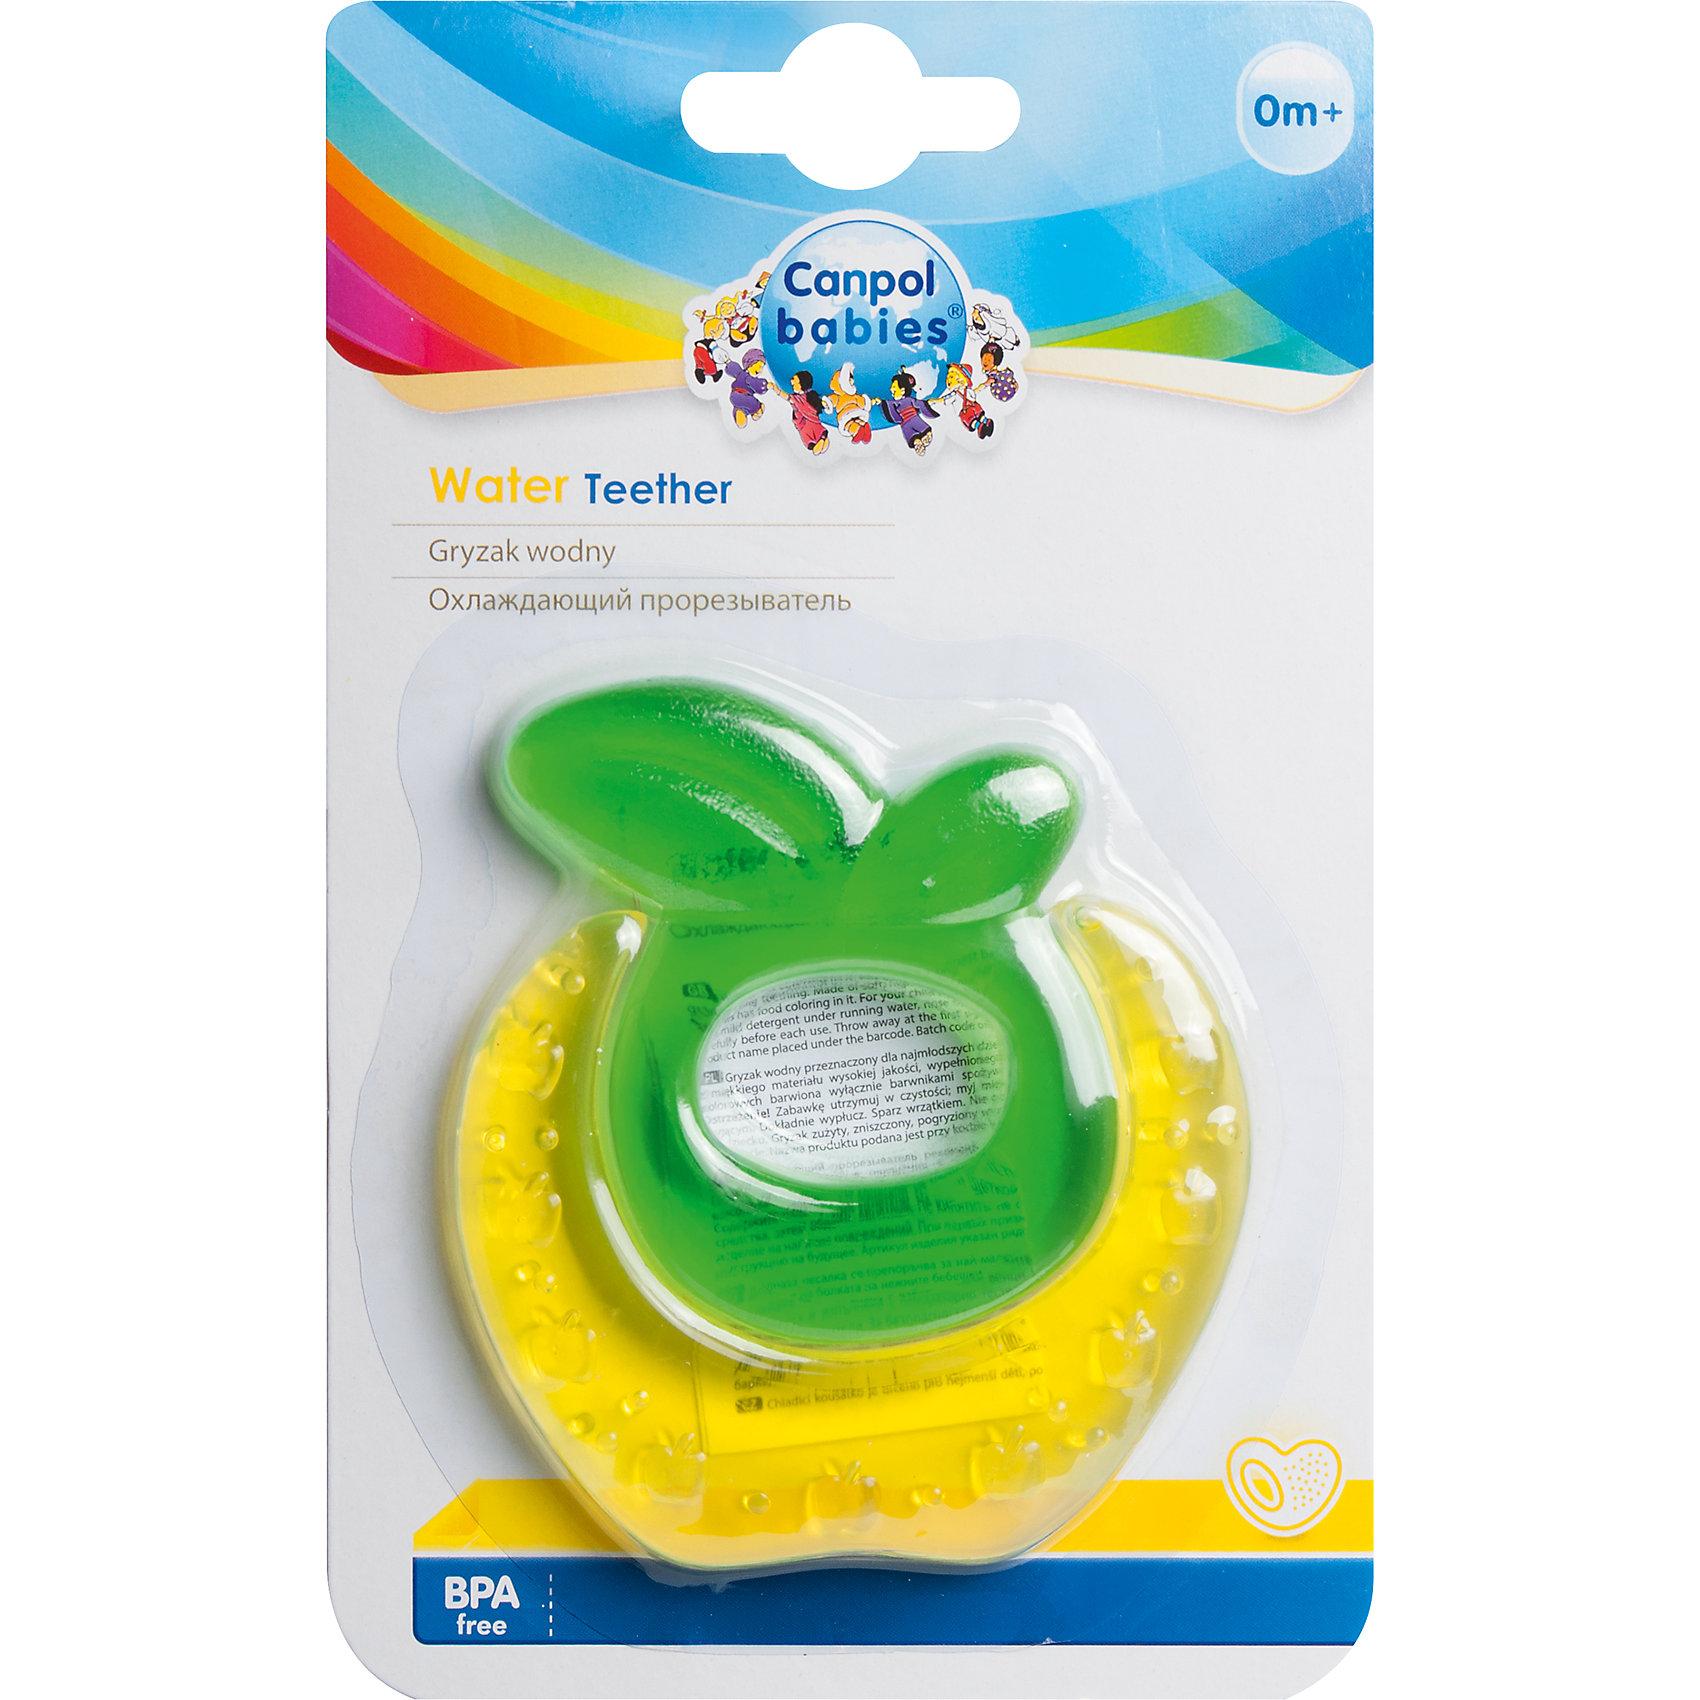 Прорезыватель водный охлаждающий Ягодка 0+ Fruits, Canpol Babies, желтыйПрорезыватели<br>Прорезыватель водный охлаждающий Ягодка 0+ Fruits, Canpol Babies (Канпол Беби), желтый.<br><br>Характеристики:<br>• облегчает боль и снимает зуд<br>• изготовлен из безопасных материалов<br>• наполнен дистиллированной водой<br>• материал: нетоксичный пластик, вода<br>• размер упаковки: 18,5х11,5х1 см<br>• цвет: желтый<br><br>Прорезыватель Ягодка снимет зуд и сведет к минимуму неприятные ощущения в деснах при прорезывании зубов. Для этого нужно положить игрушку в холодильник на несколько минут. Удобная ручка позволит ребенку держать прорезыватель самостоятельно. Яркая расцветка <br>привлечет внимание ребенка и он с удовольствием воспользуется волшебным помощником!<br><br>Прорезыватель водный охлаждающий Ягодка 0+ Fruits, Canpol Babies (Канпол Беби), желтый можно купить в нашем интернет-магазине.<br><br>Ширина мм: 115<br>Глубина мм: 10<br>Высота мм: 185<br>Вес г: 470<br>Возраст от месяцев: 0<br>Возраст до месяцев: 12<br>Пол: Унисекс<br>Возраст: Детский<br>SKU: 5156702